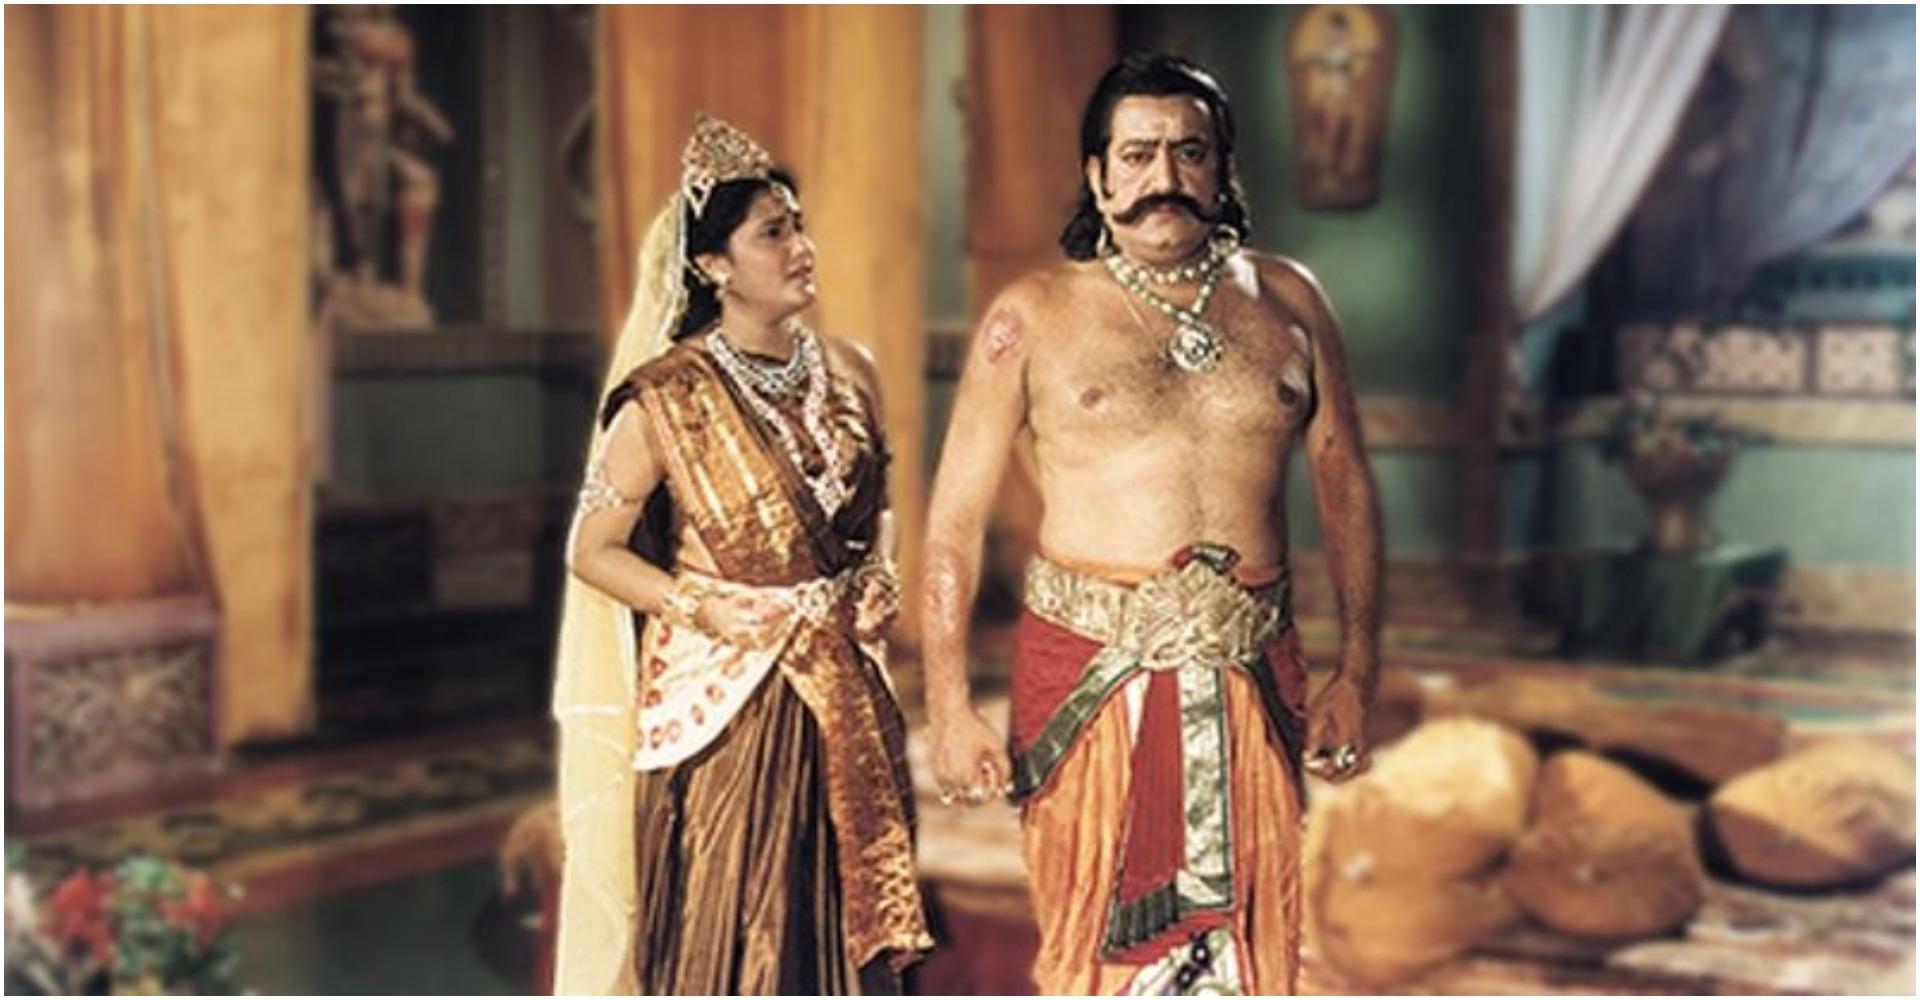 Ramayan: सीता हरण देख भावुक हुए रावण उर्फ़ अरविन्द त्रिवेदी, टीवी के सामने जोड़े हाथ